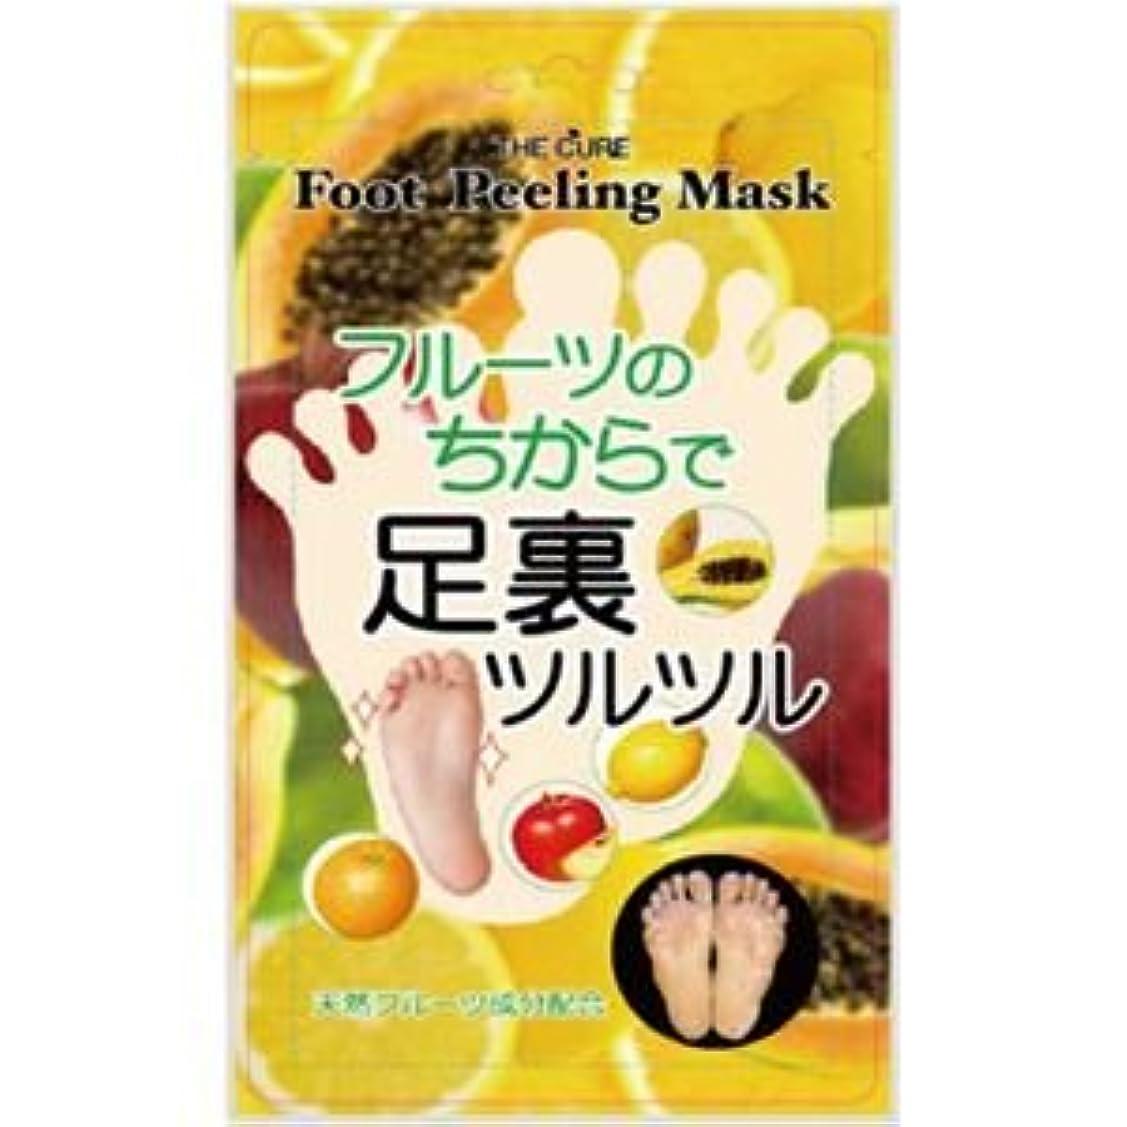 しわ砂利ファントム(まとめ買い)THE CURE フットピーリングマスク 40ml×3セット